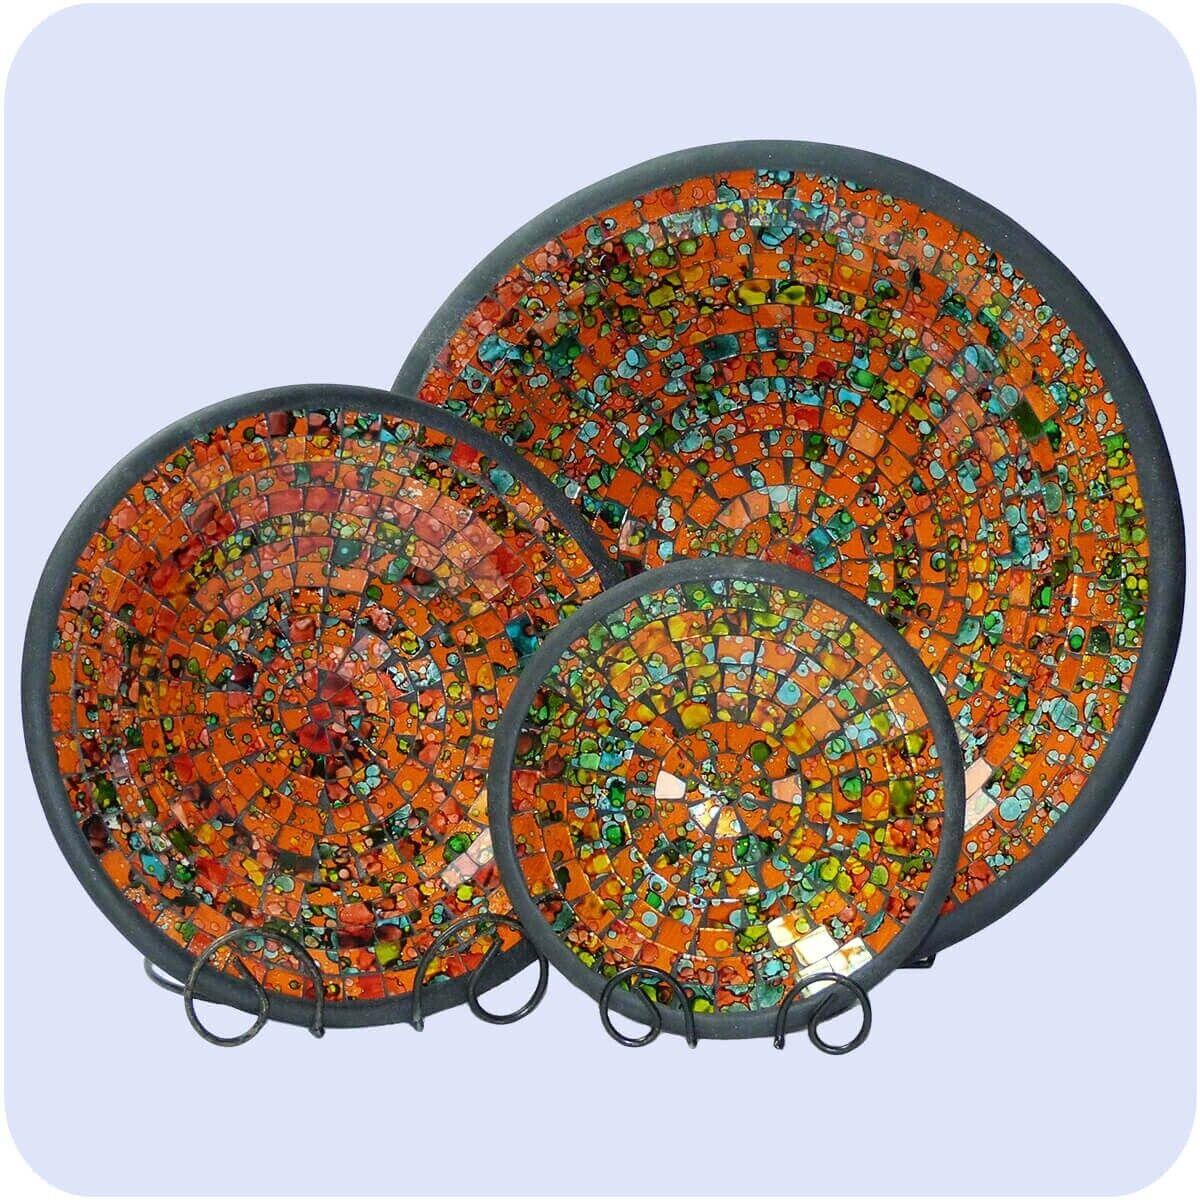 Mosaikschale 3-Set Tonschale Glasschale Schale Mosaik Kunst Glas Deko rund groß